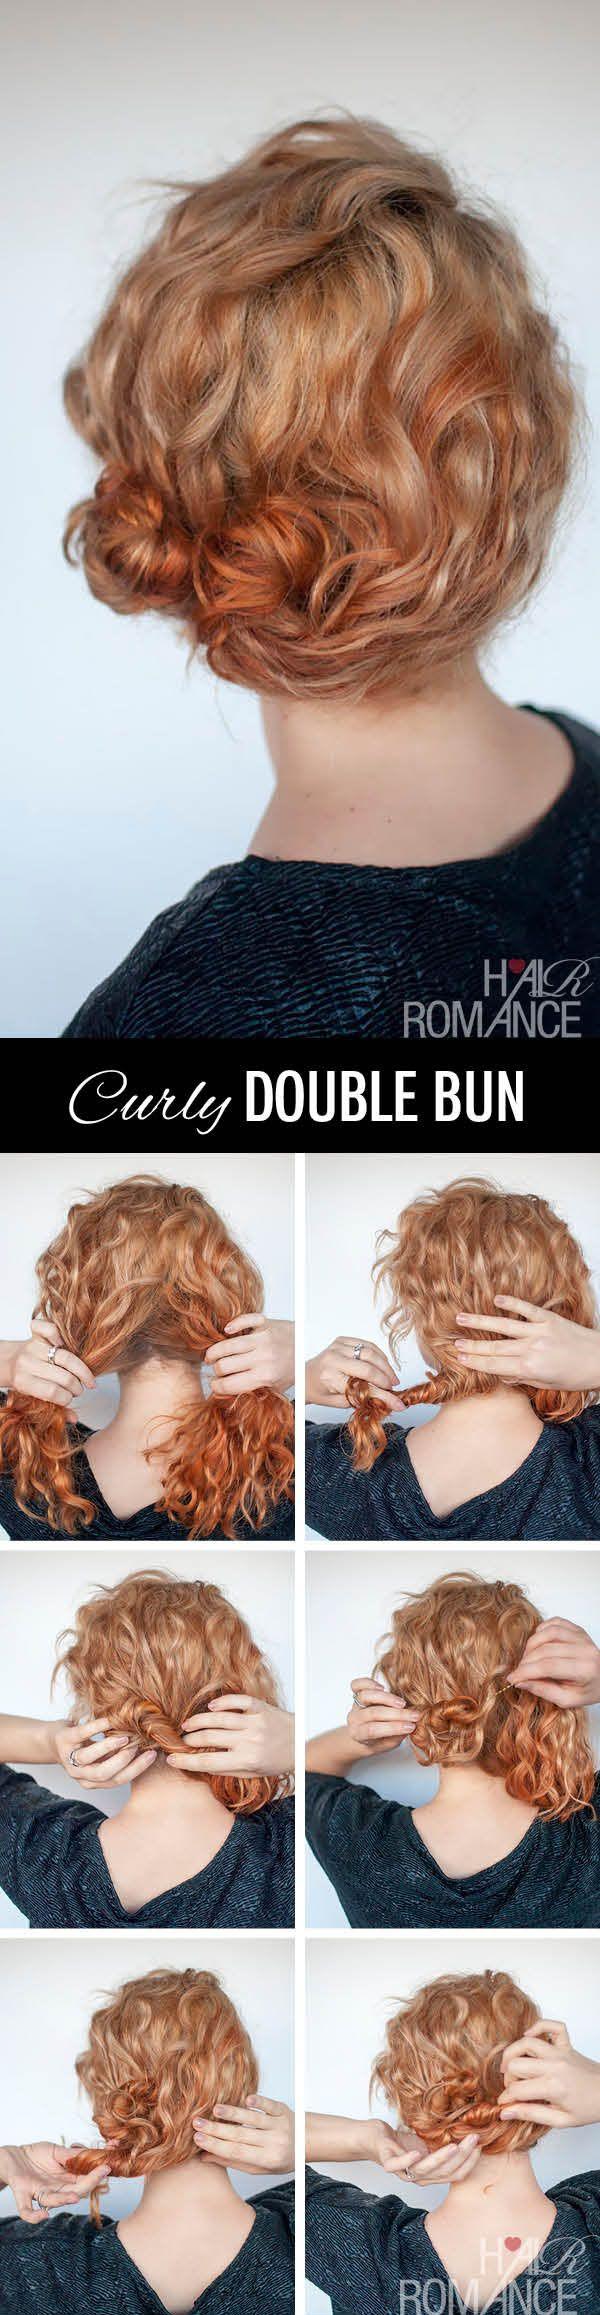 Double Buns